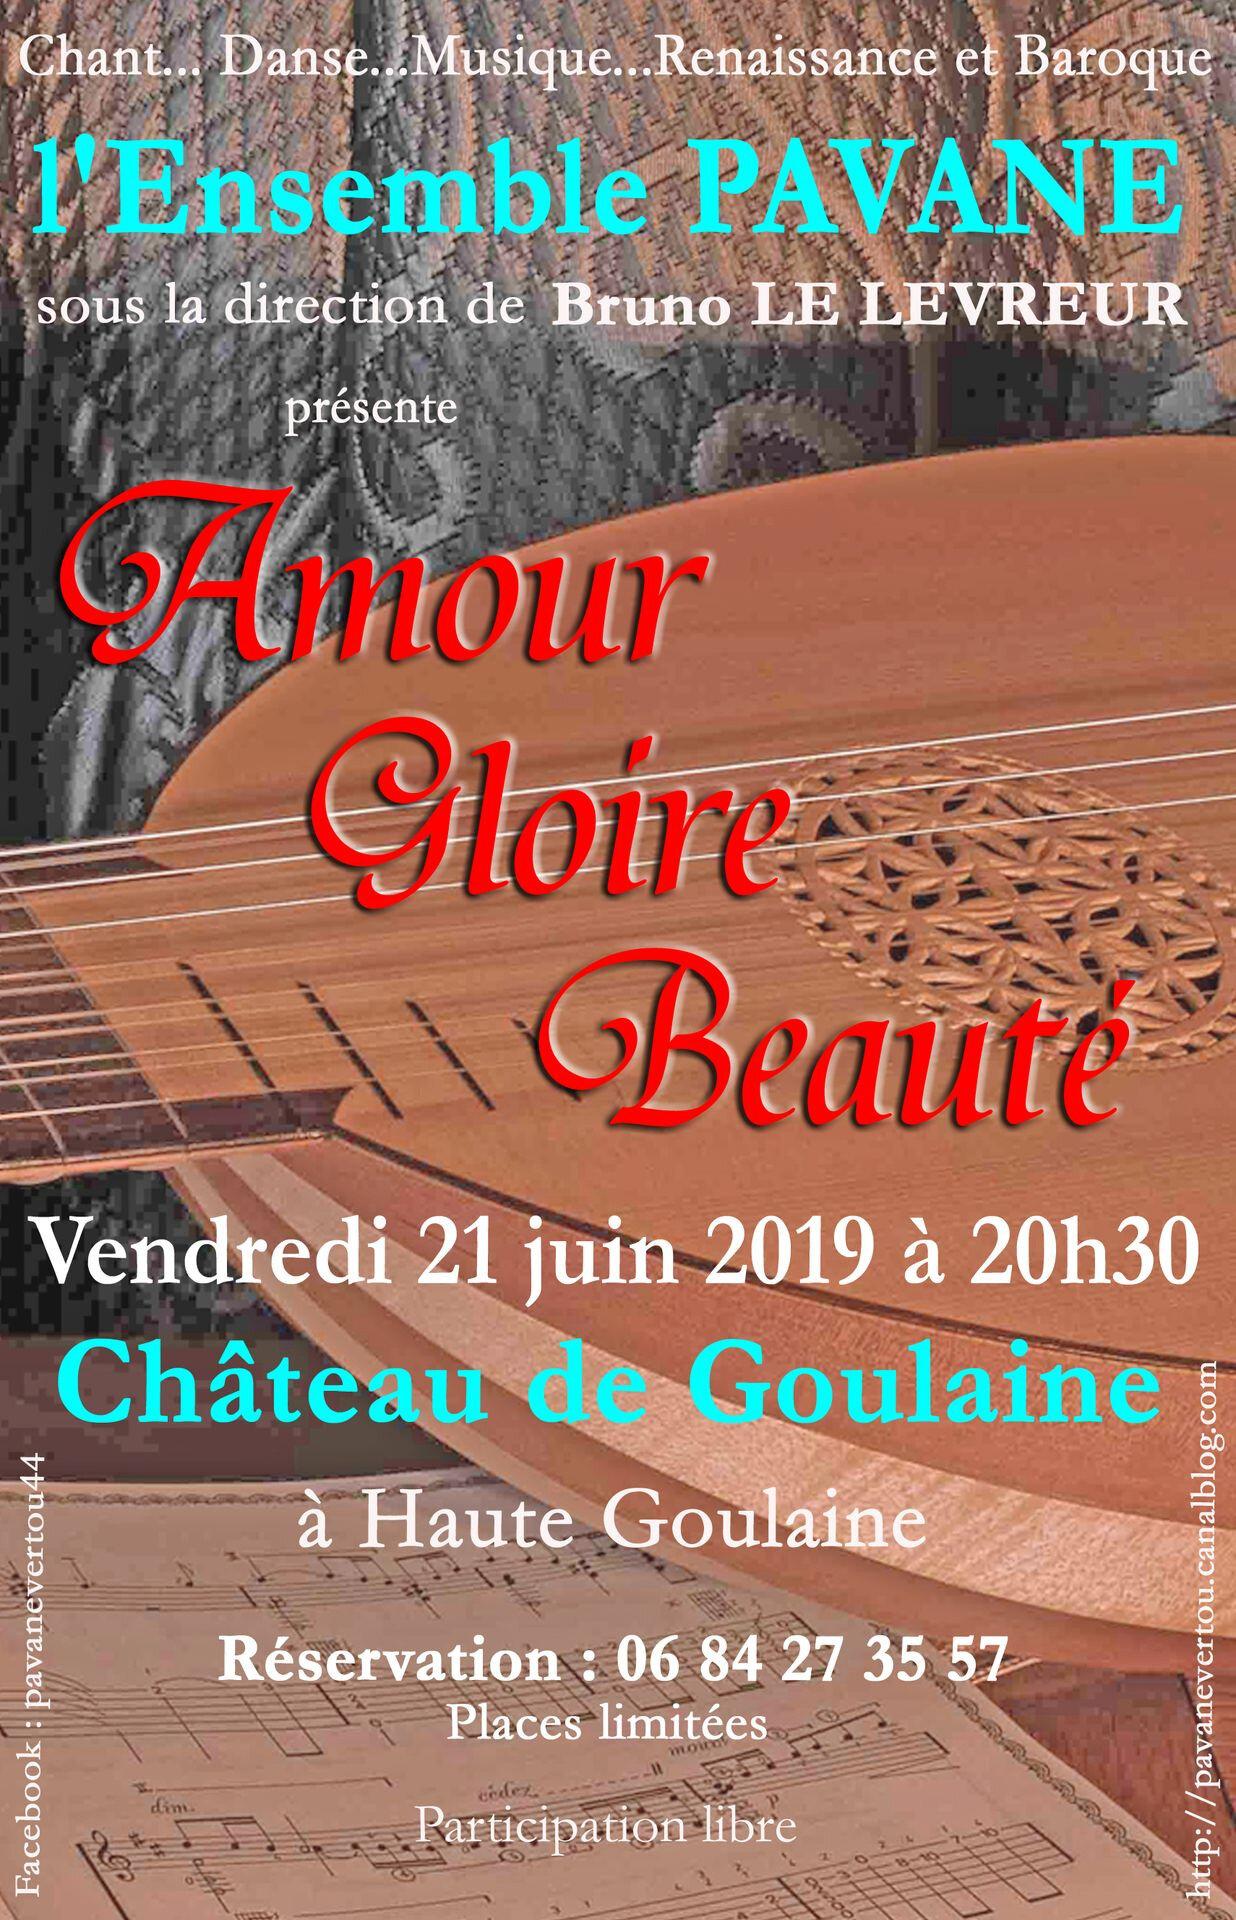 Château de Goulaine : concert le 21 juin 2019